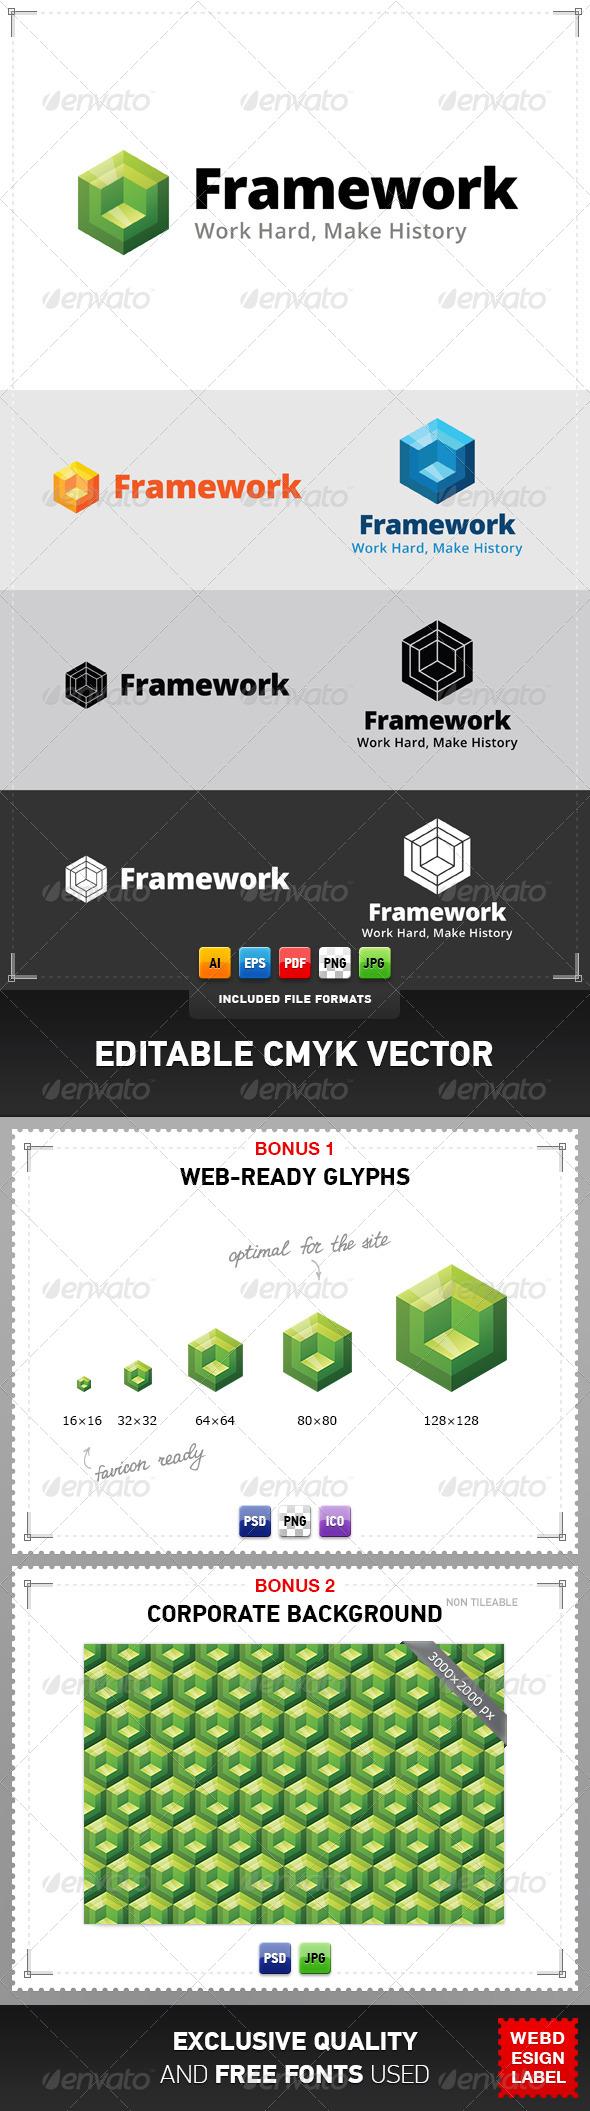 GraphicRiver Framework Logo 4837246